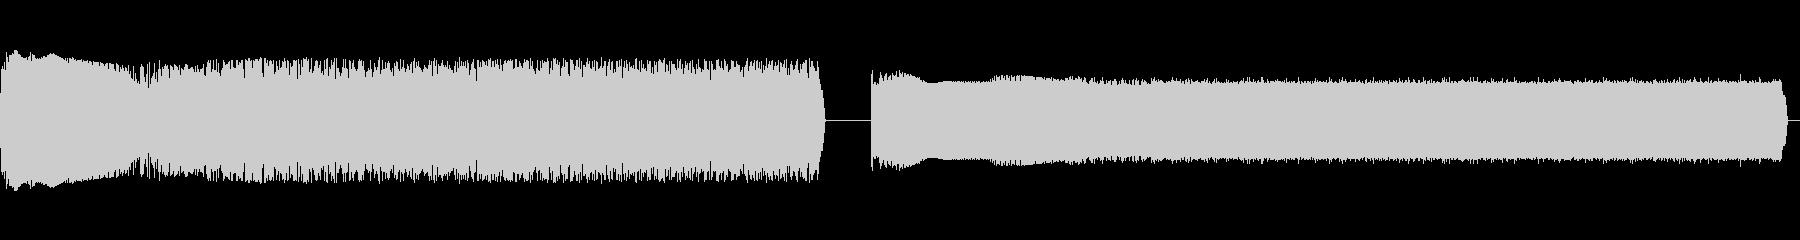 アウェイ、ディストーション、ライド...の未再生の波形